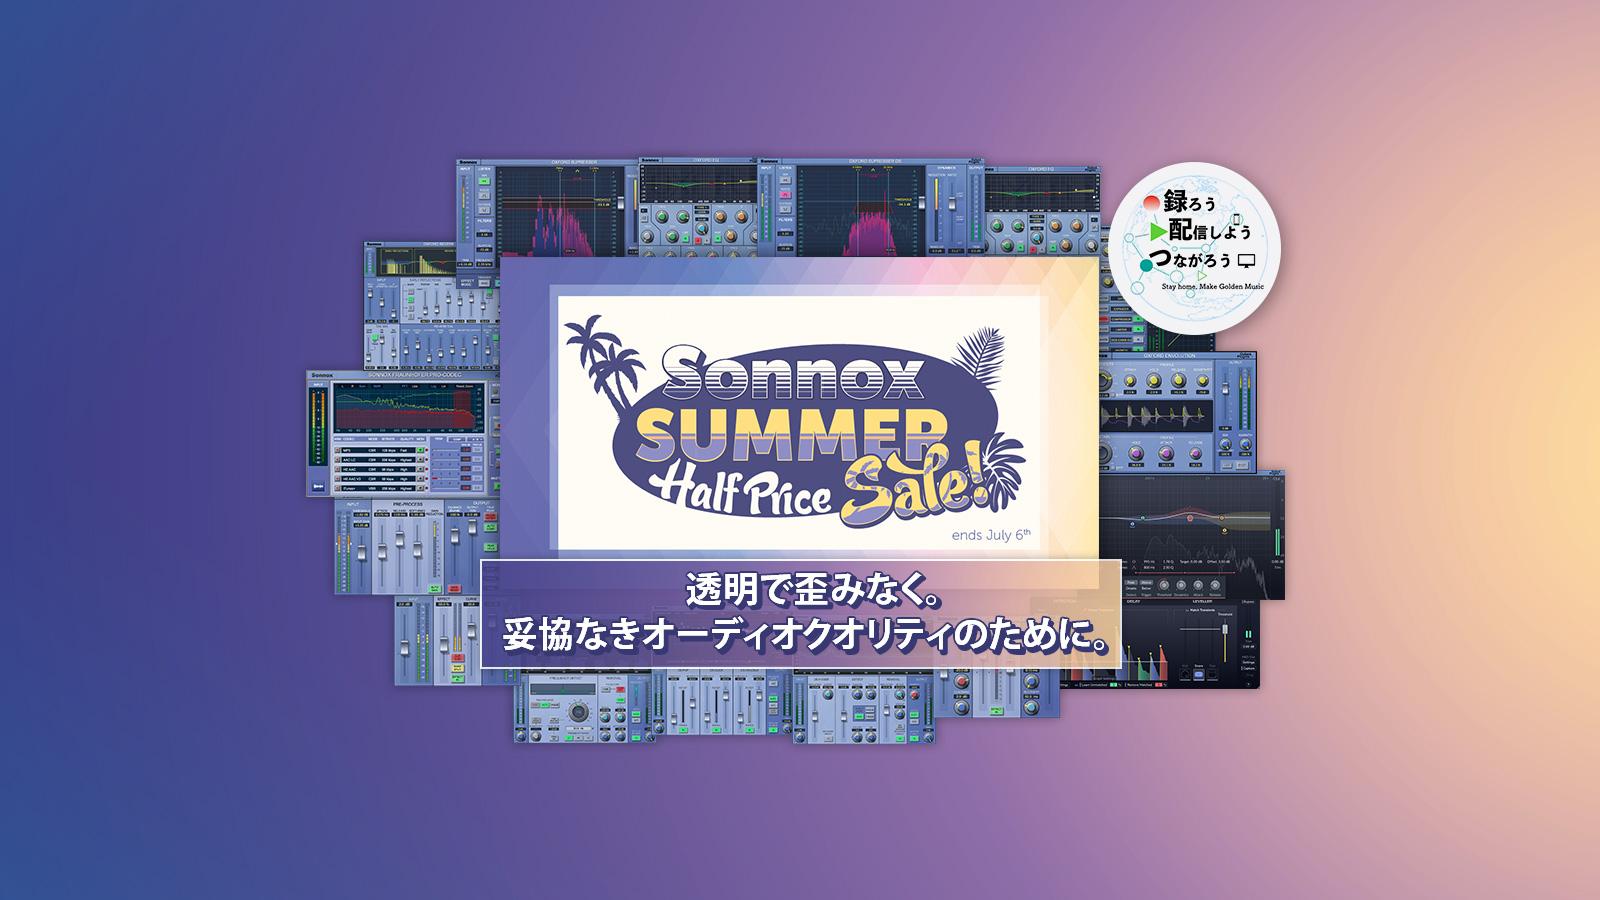 全品50%OFF! Sonnox Summer Sale 2020